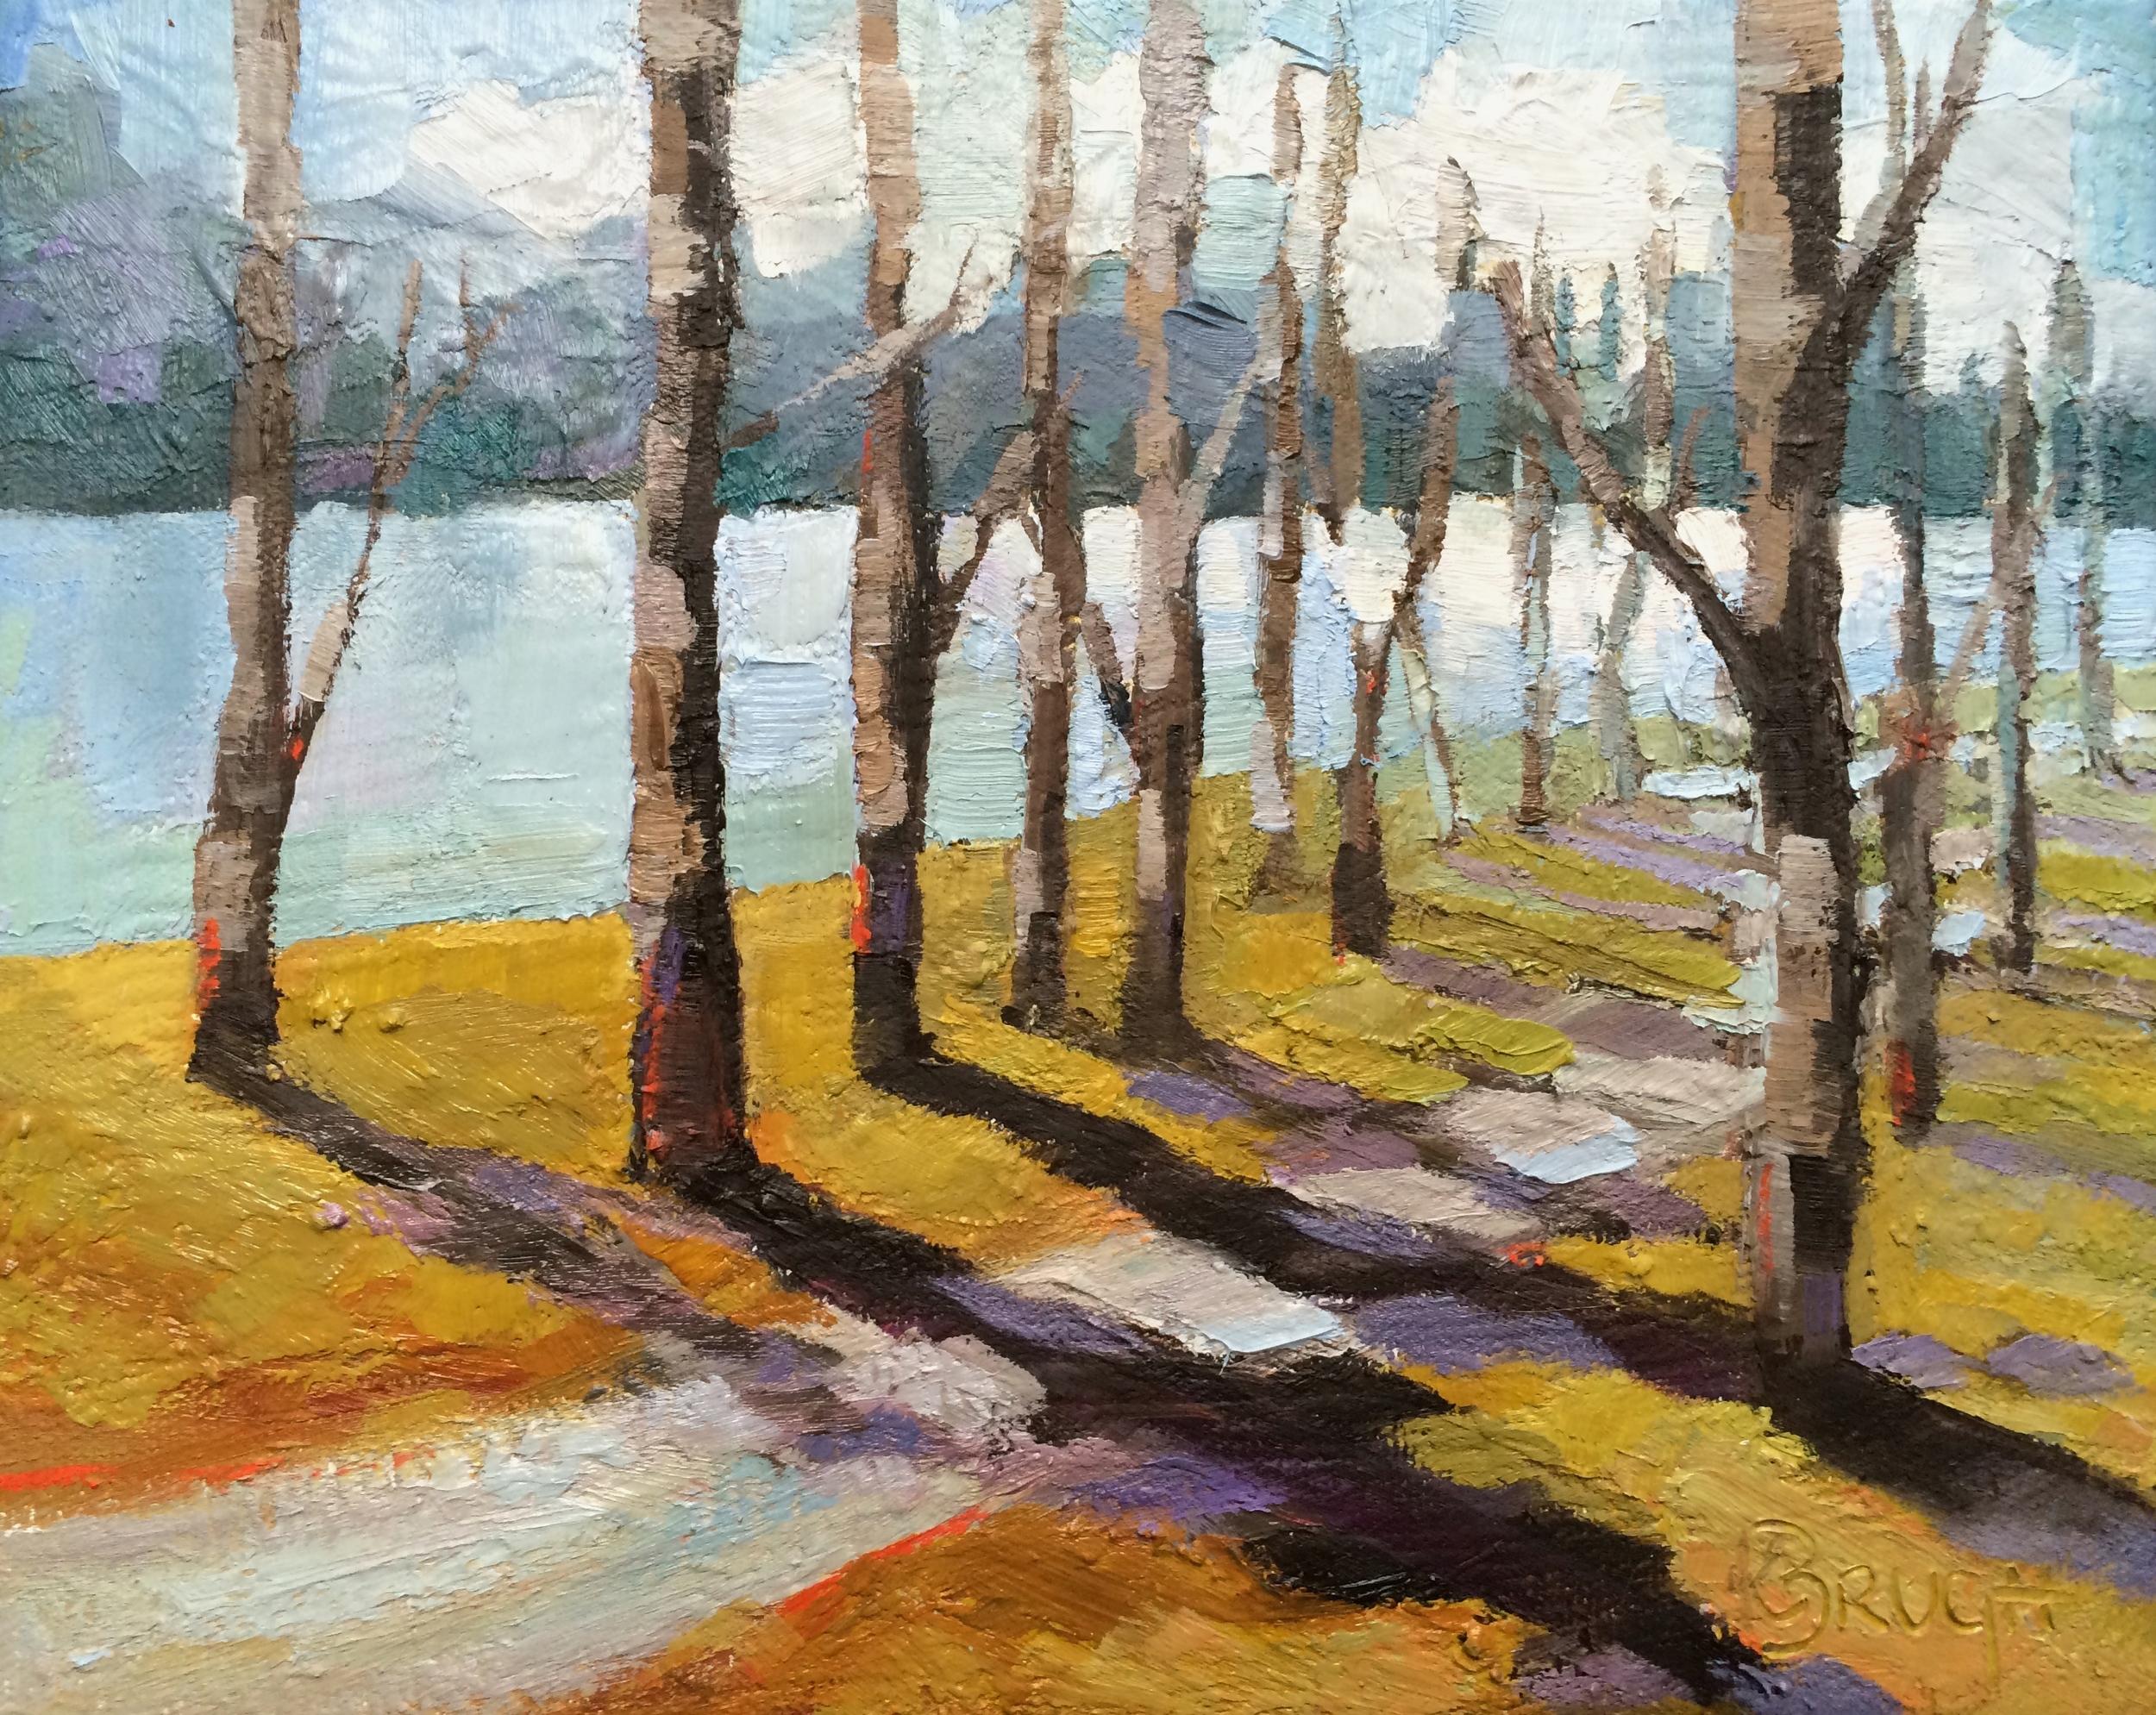 Kelley Brugh_River Walk_8x10, Oil on canvas.JPG